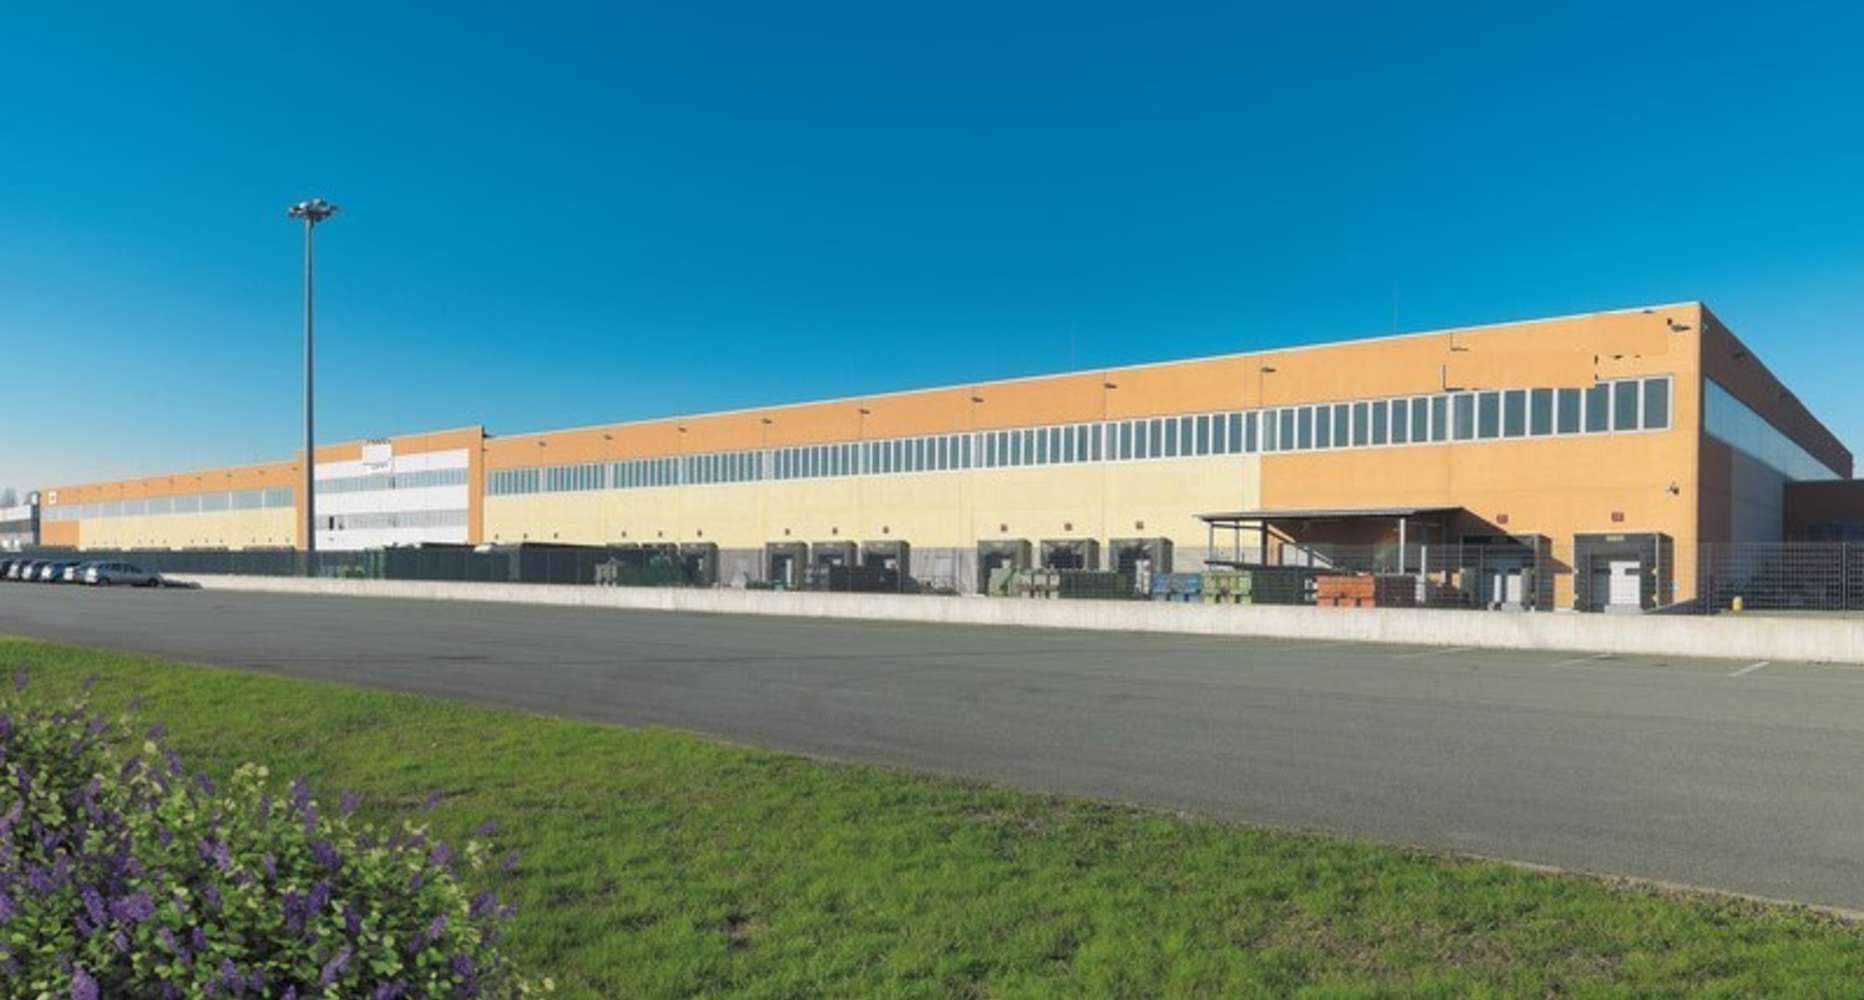 Magazzini industriali e logistici San pietro mosezzo, 28060 - Magazzini logistici 2 - 3 San Pietro Mosezzo - 10921846